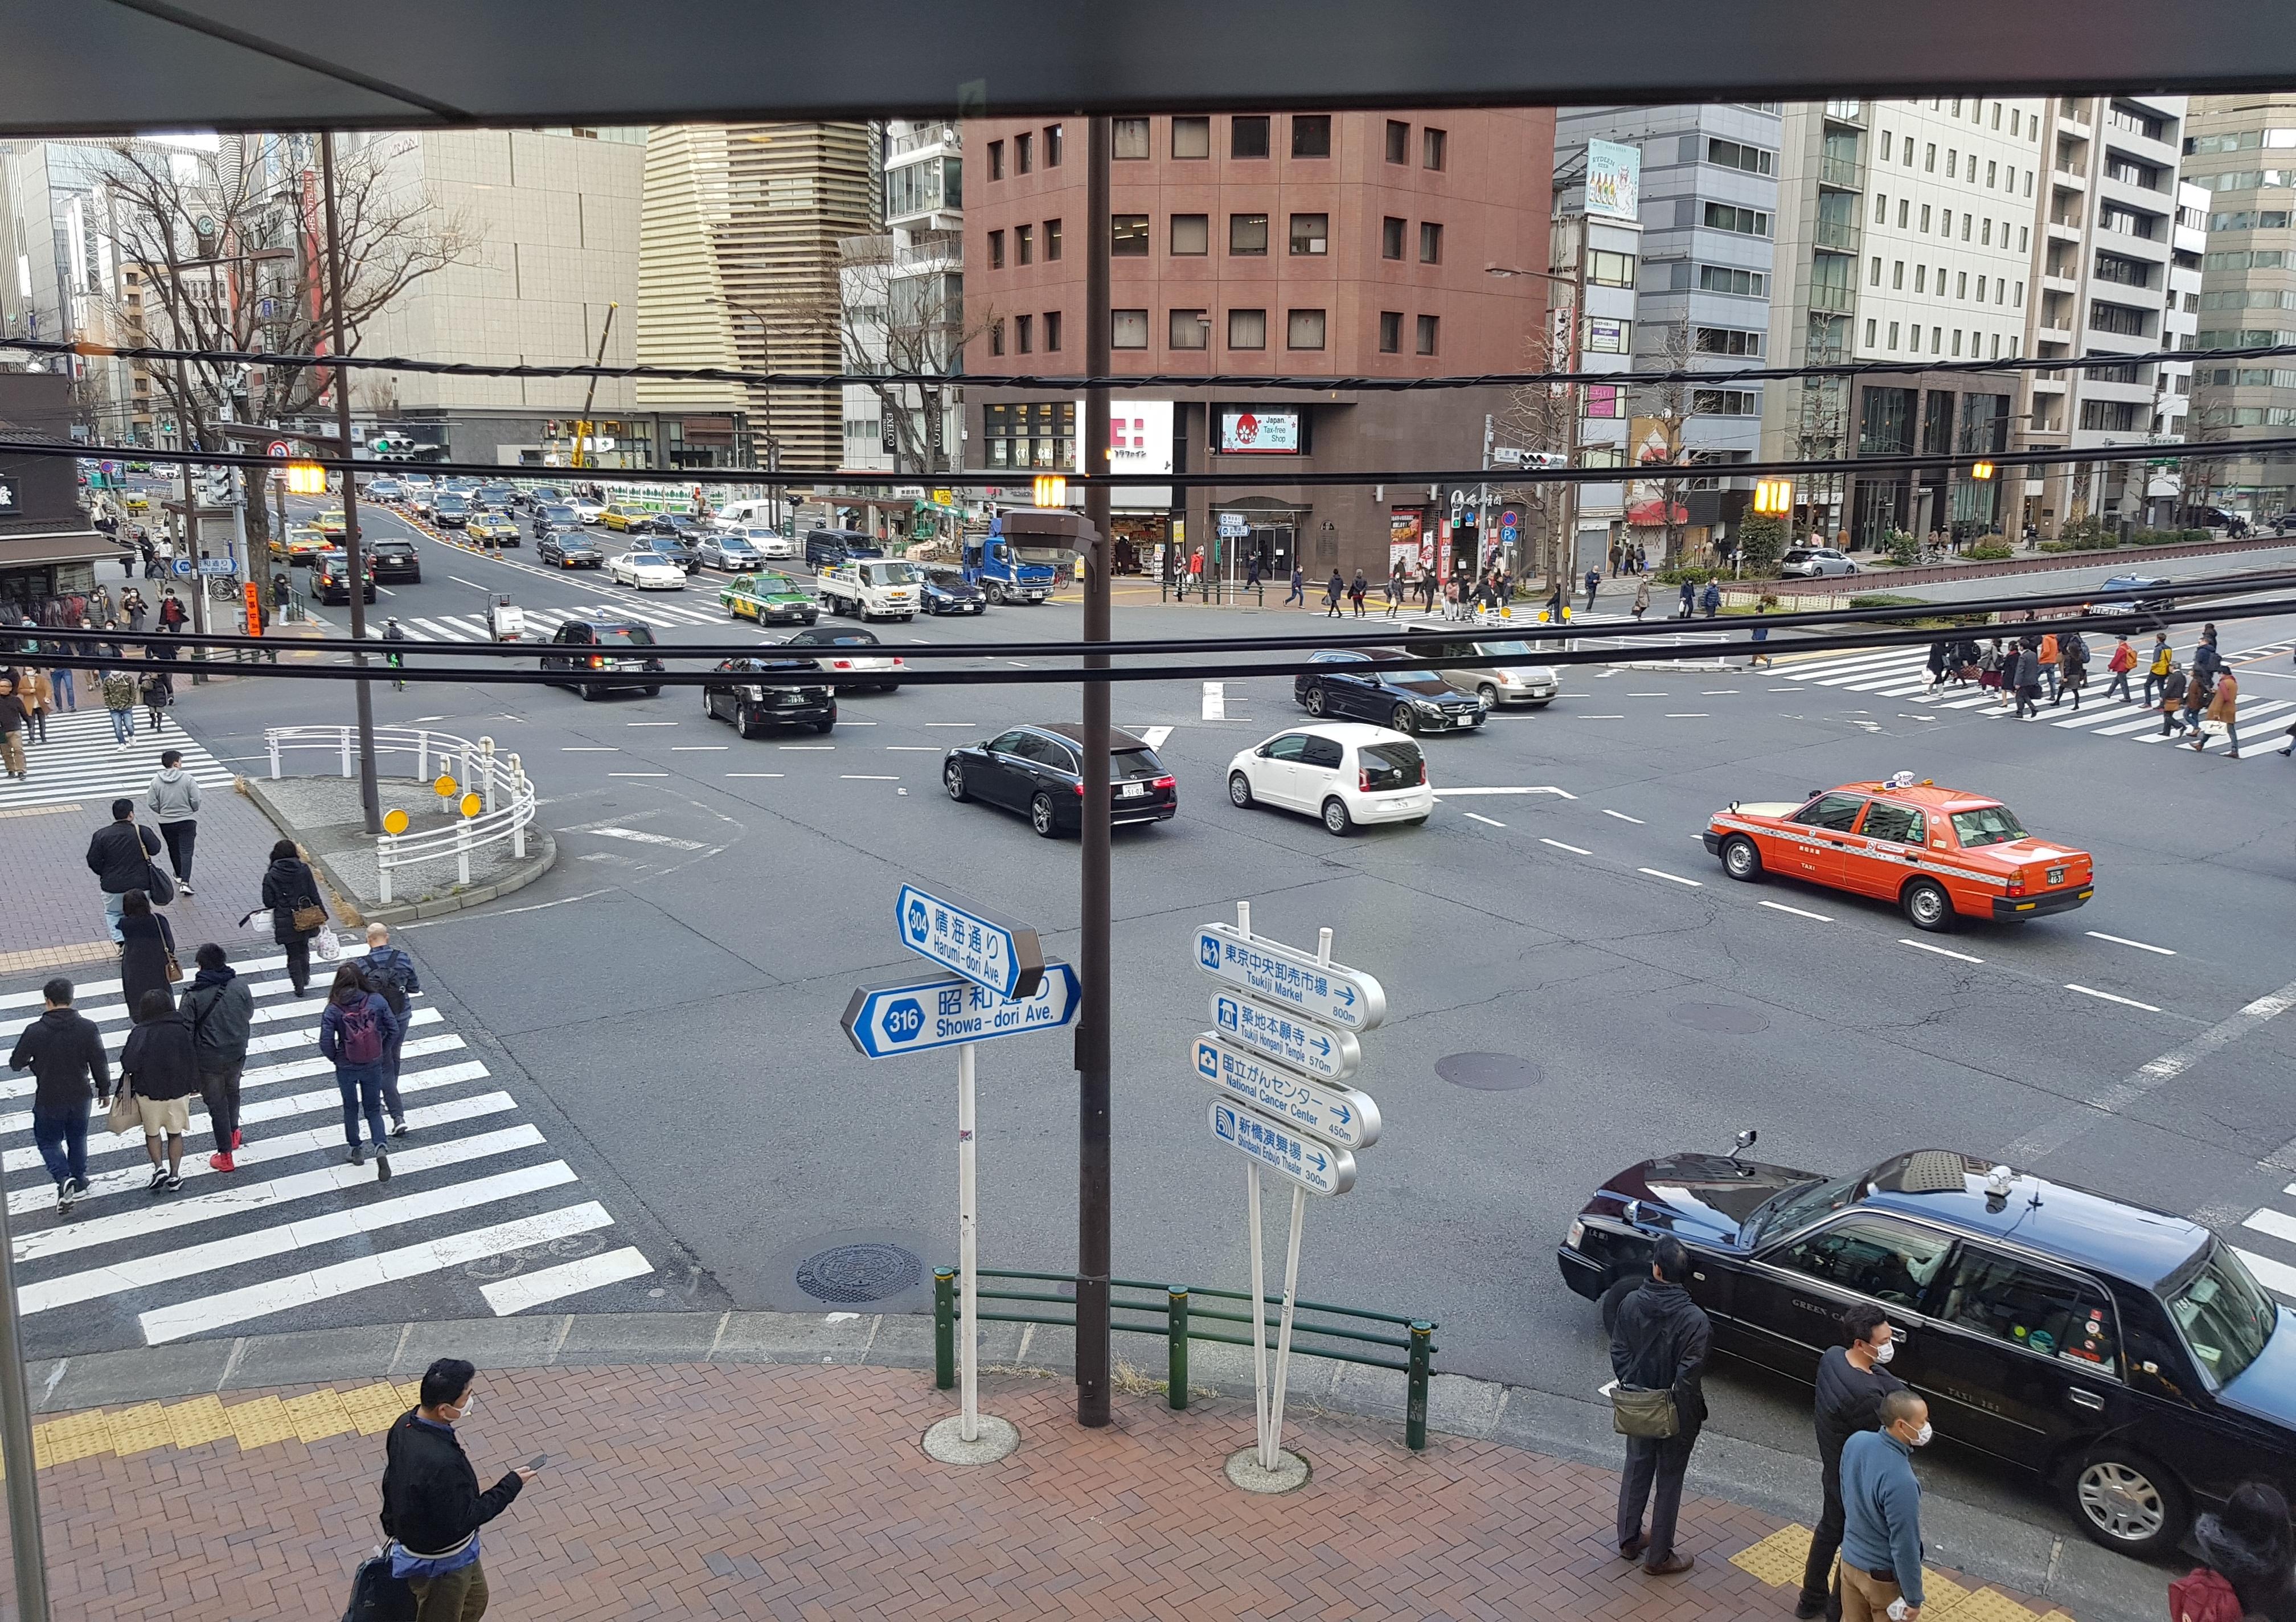 نمایی از محله گینزا از طبقه بالای یک کافه